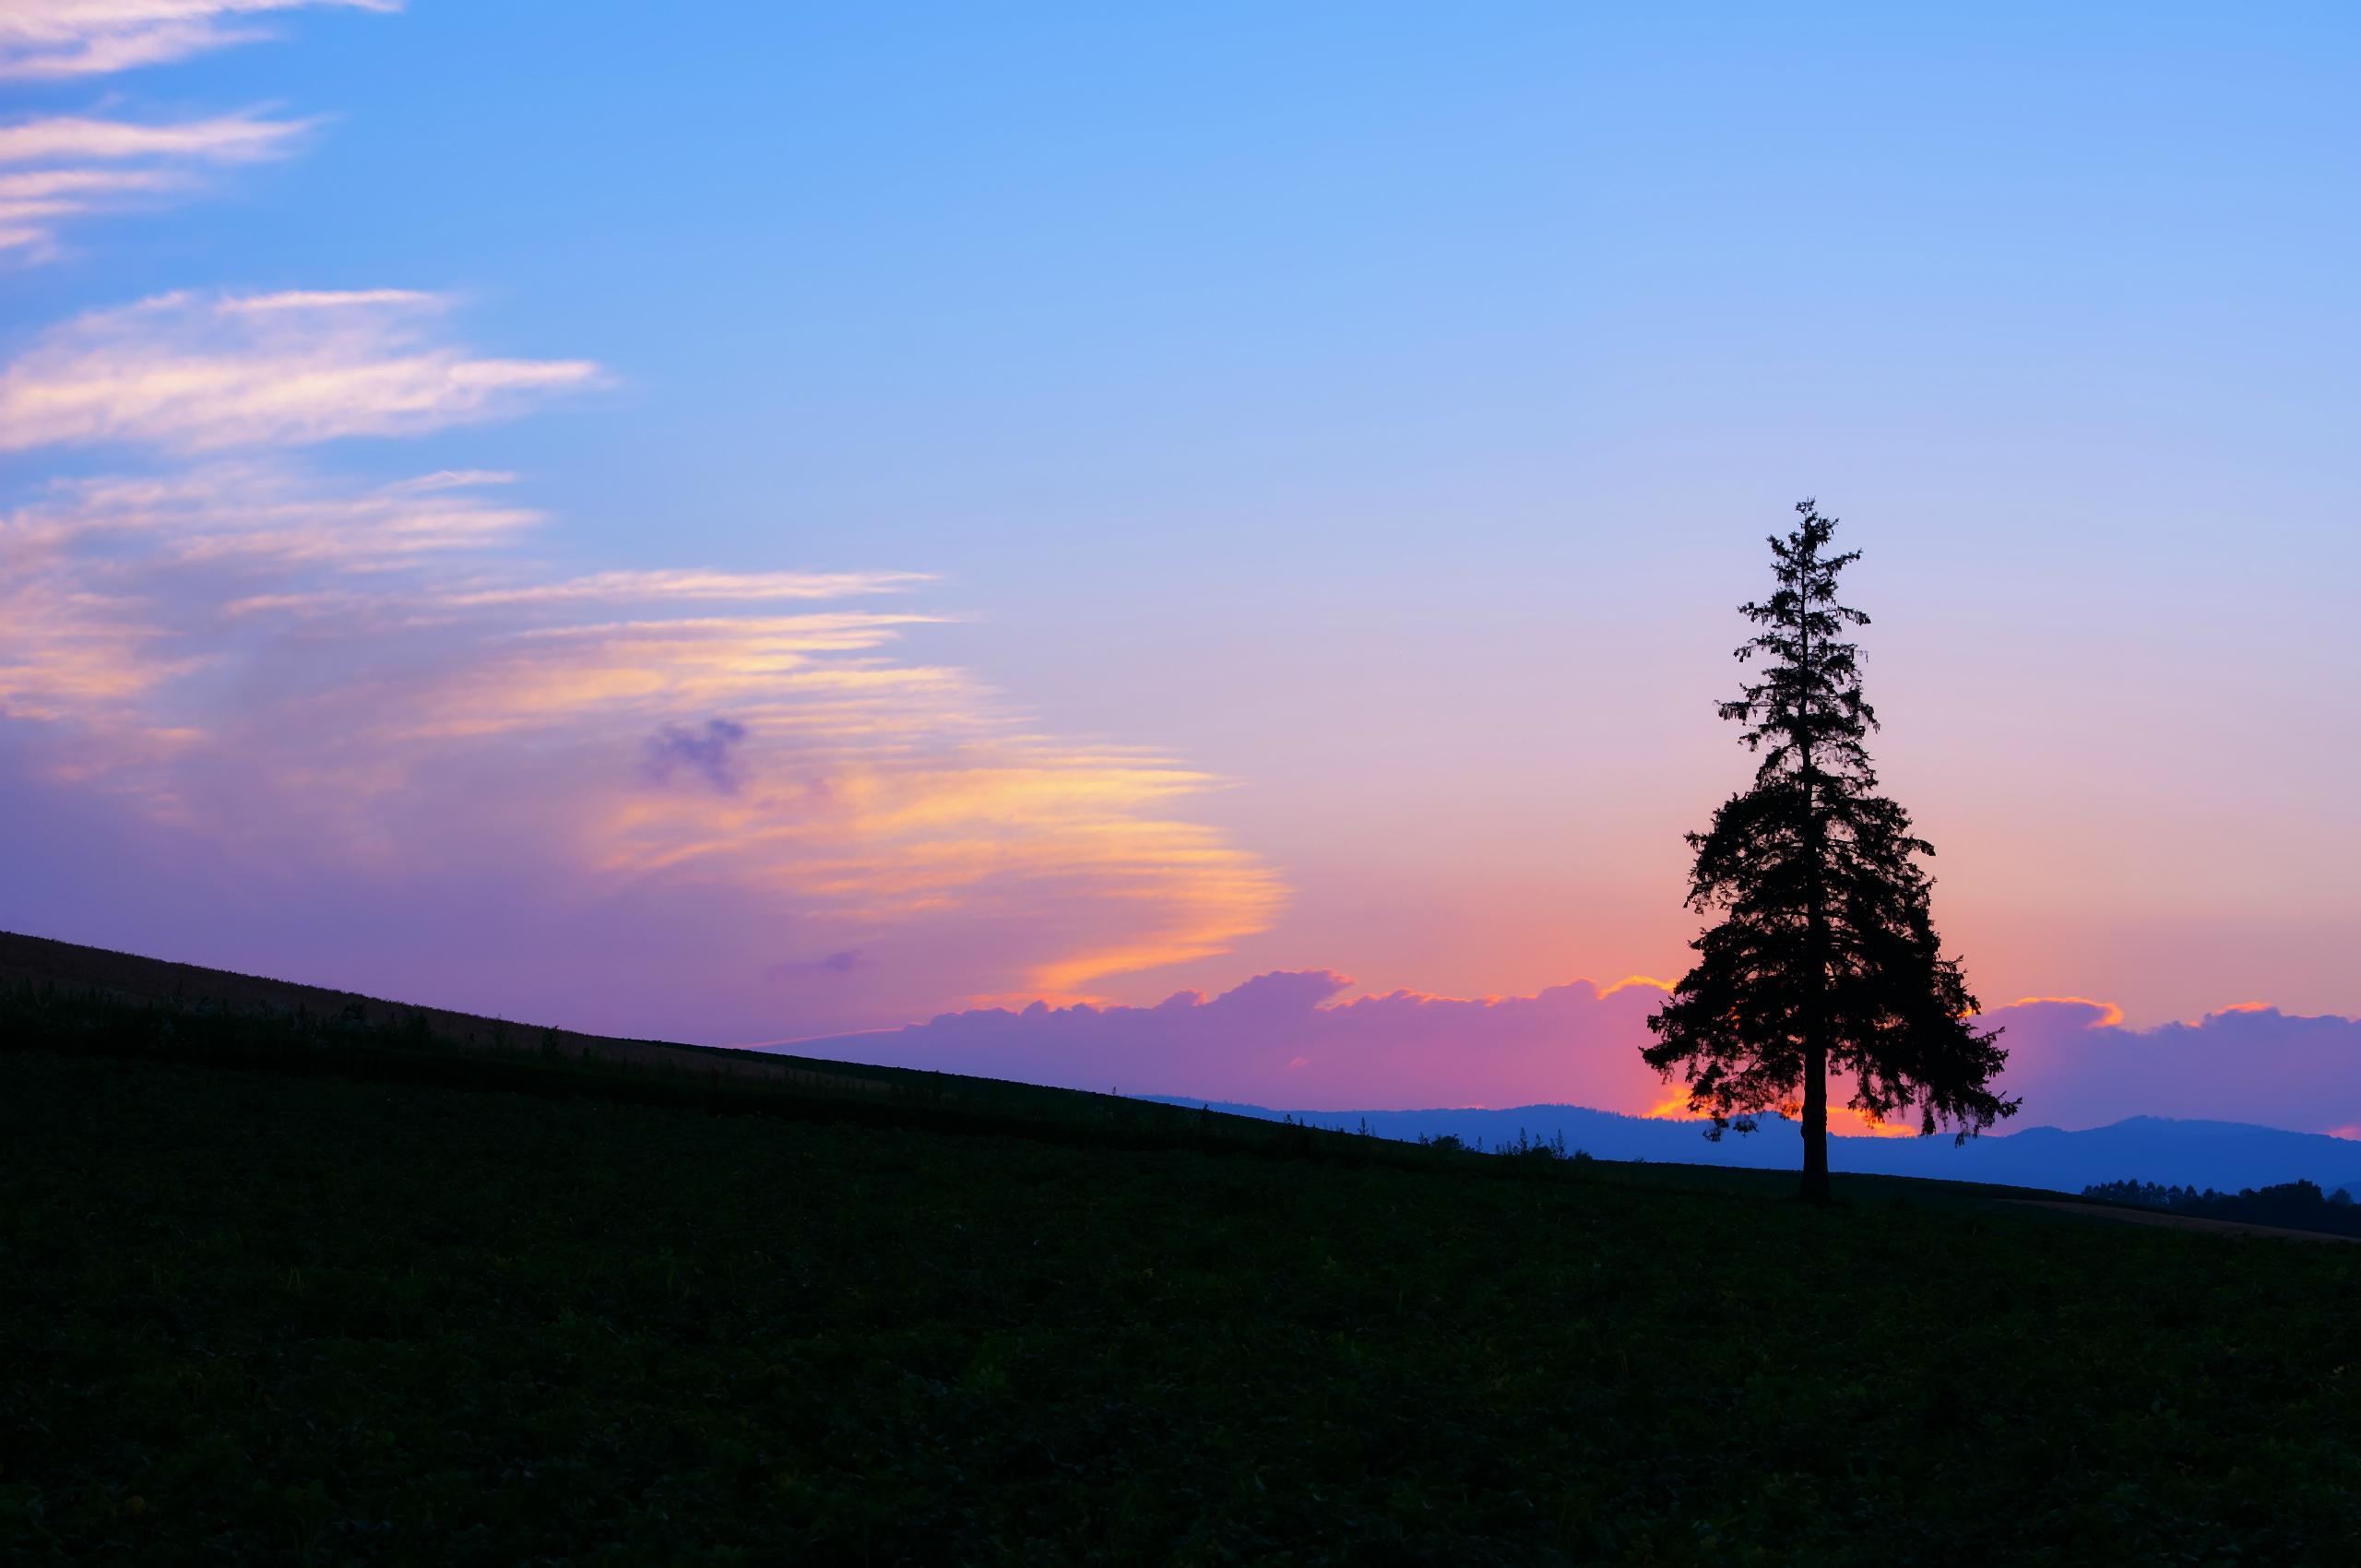 одинокое дерево небо закат бесплатно